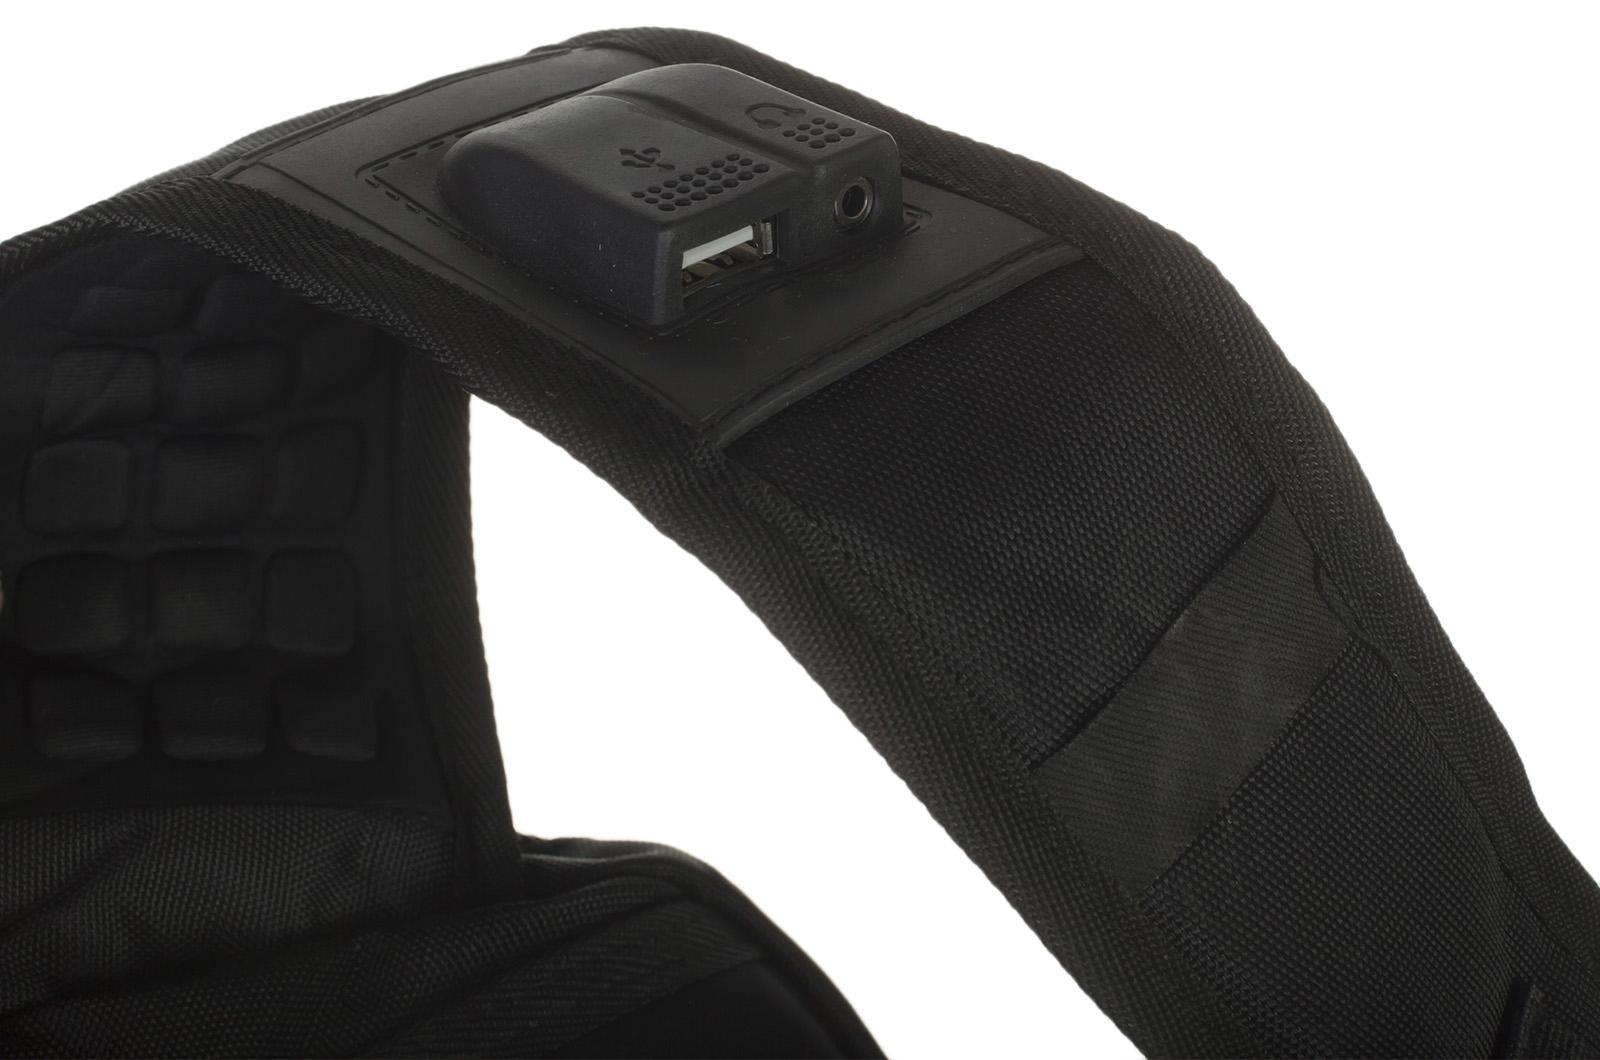 Практичный черный рюкзак с нашивкой ОПЛОТ Спецназ - купить в подарок